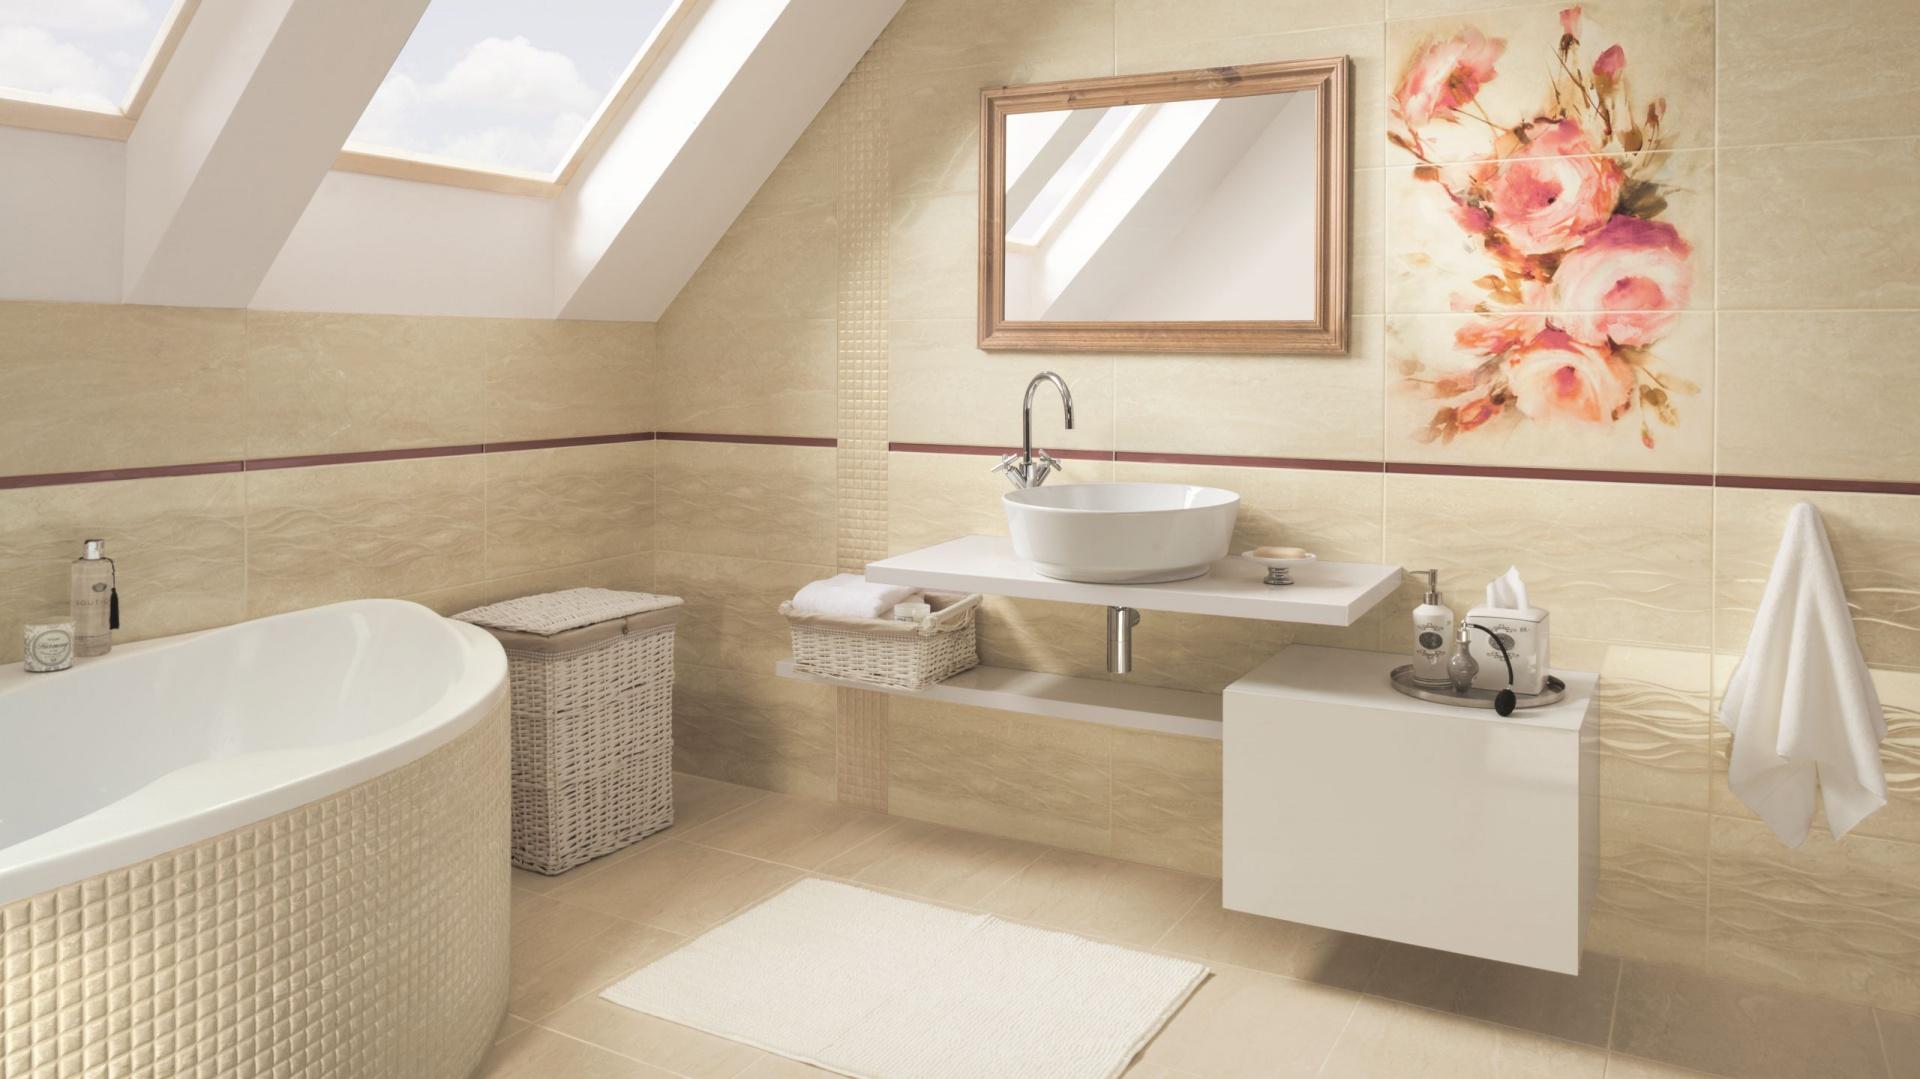 kolekcja coraline cora azienka w be ach i br zach zobacz 15 kolekcji p ytek ceramicznych. Black Bedroom Furniture Sets. Home Design Ideas